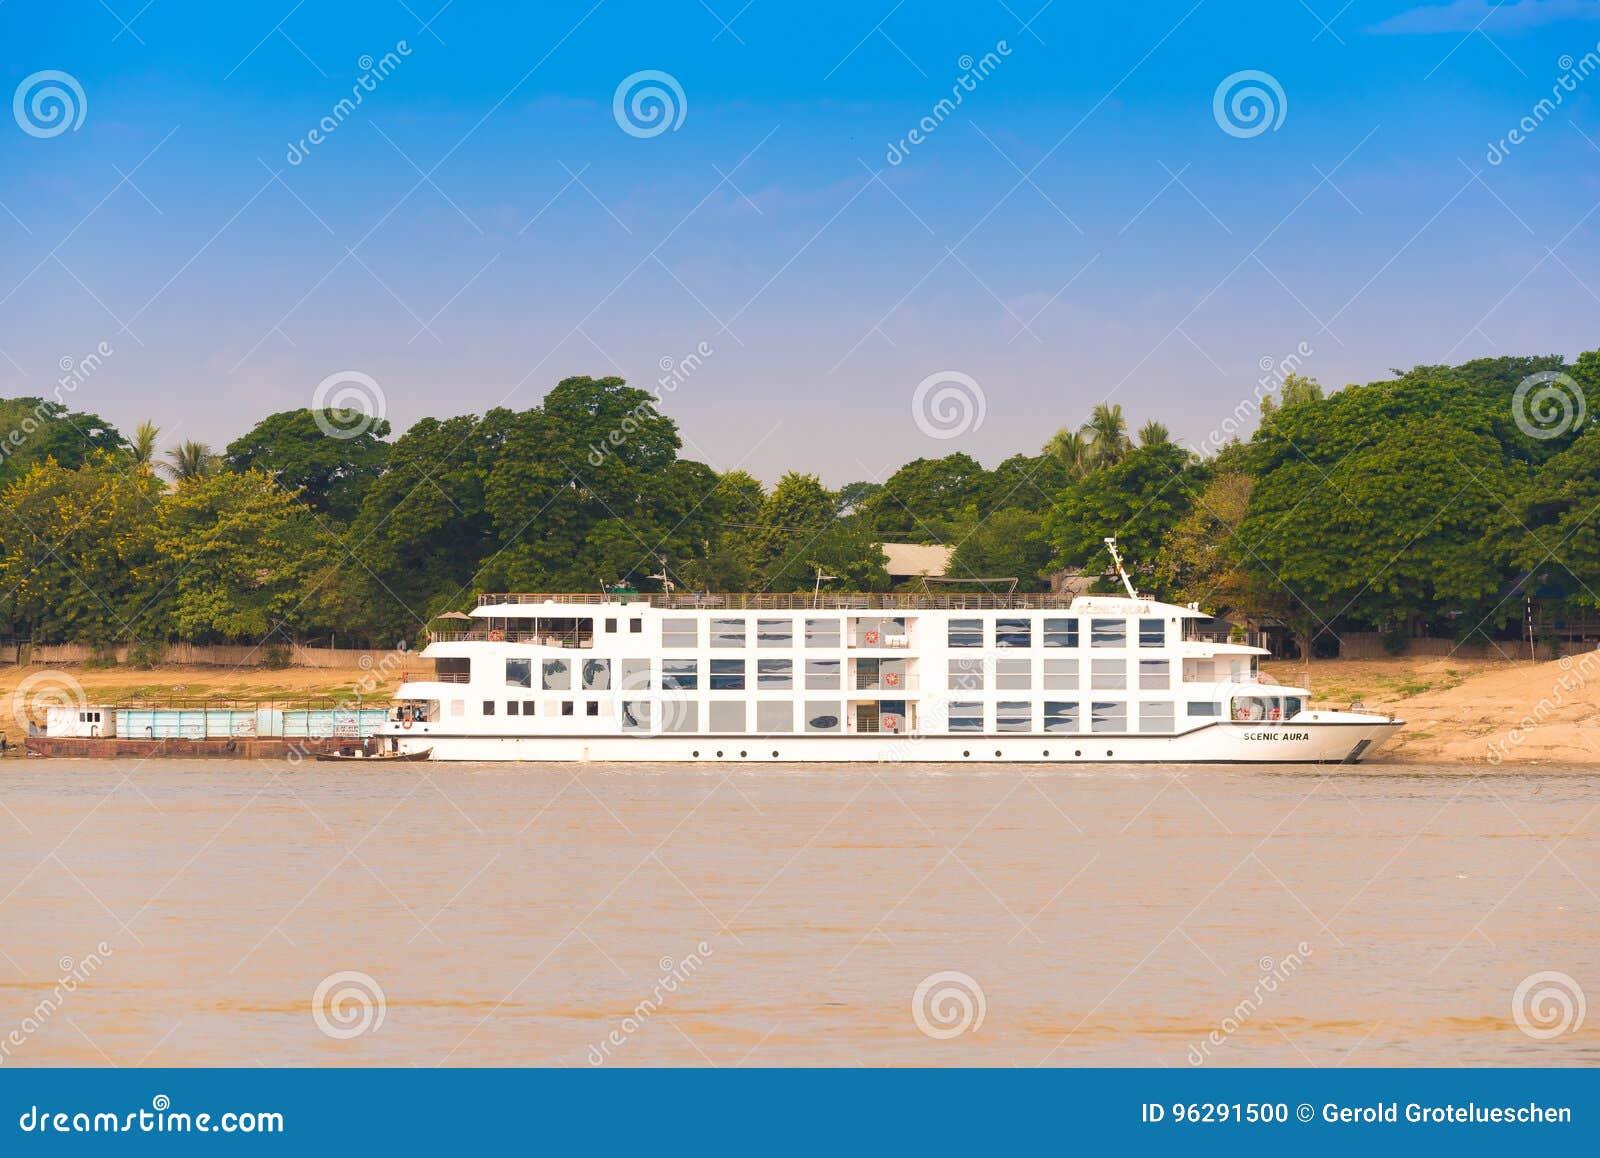 MANDALAY, MYANMAR - 1° DICEMBRE 2016: Barca turistica vicino alla riva del fiume di Irrawaddy, Birmania Copi lo spazio per testo